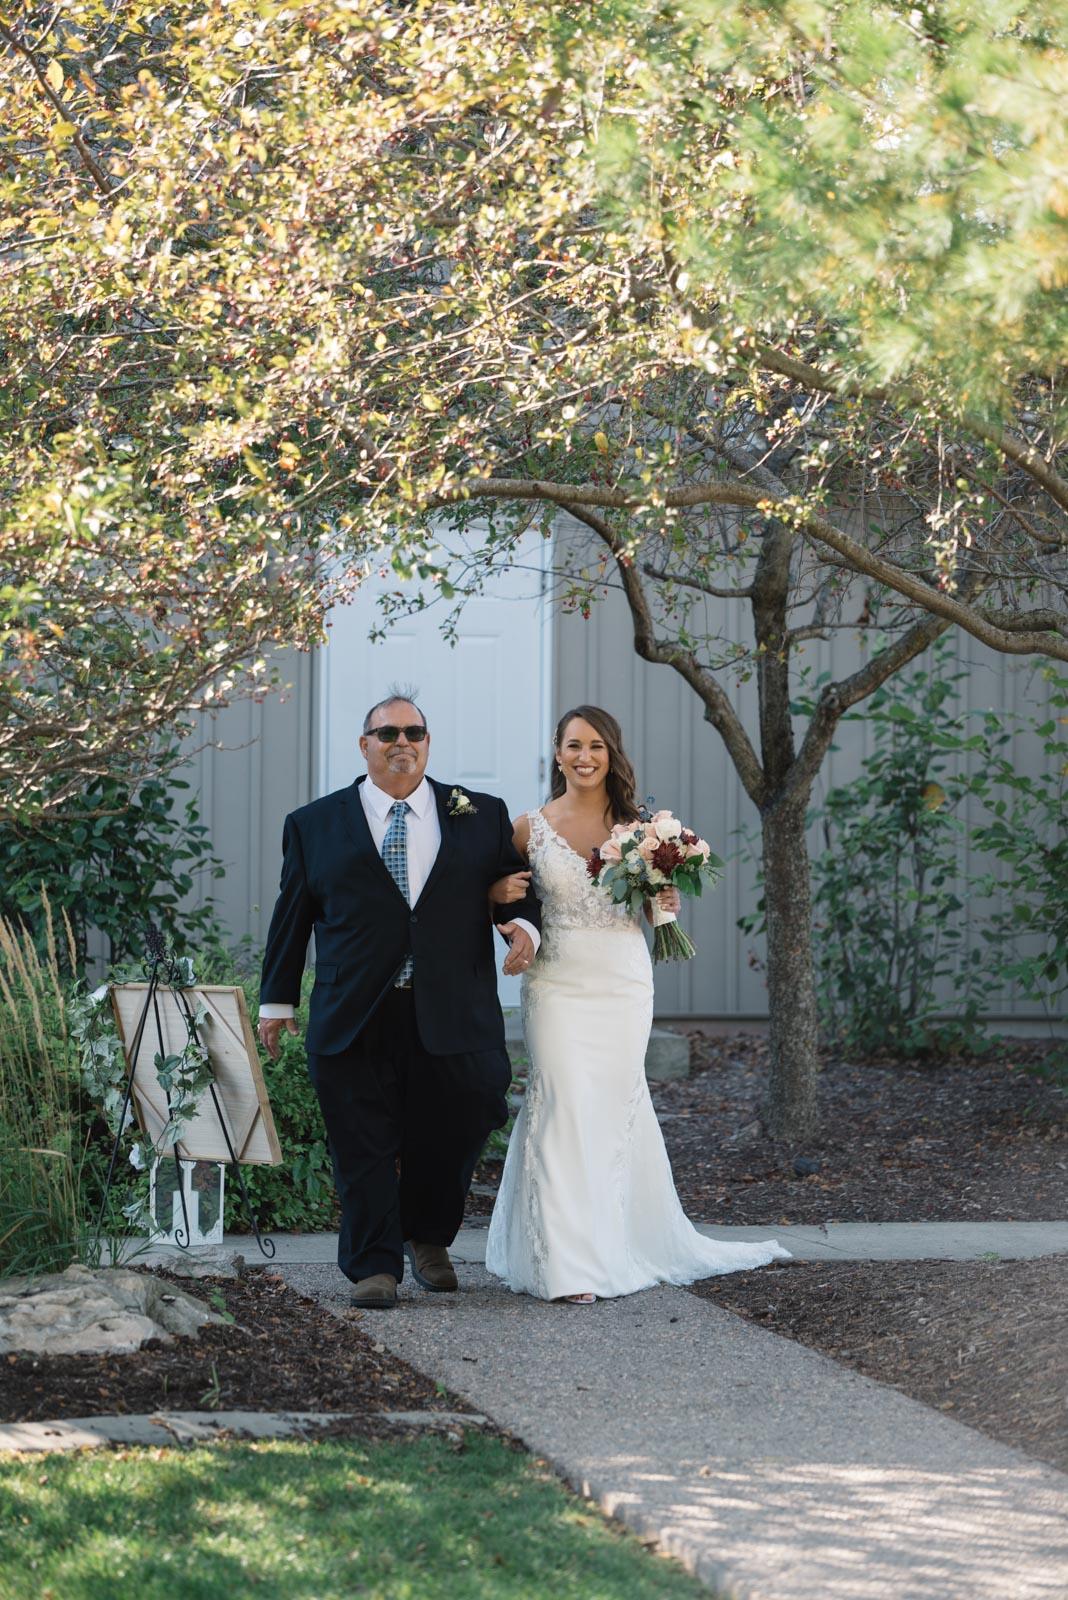 dad walking bride down the aisle outdoor wedding ceremony bella sala wedding venue in tiffin iowa